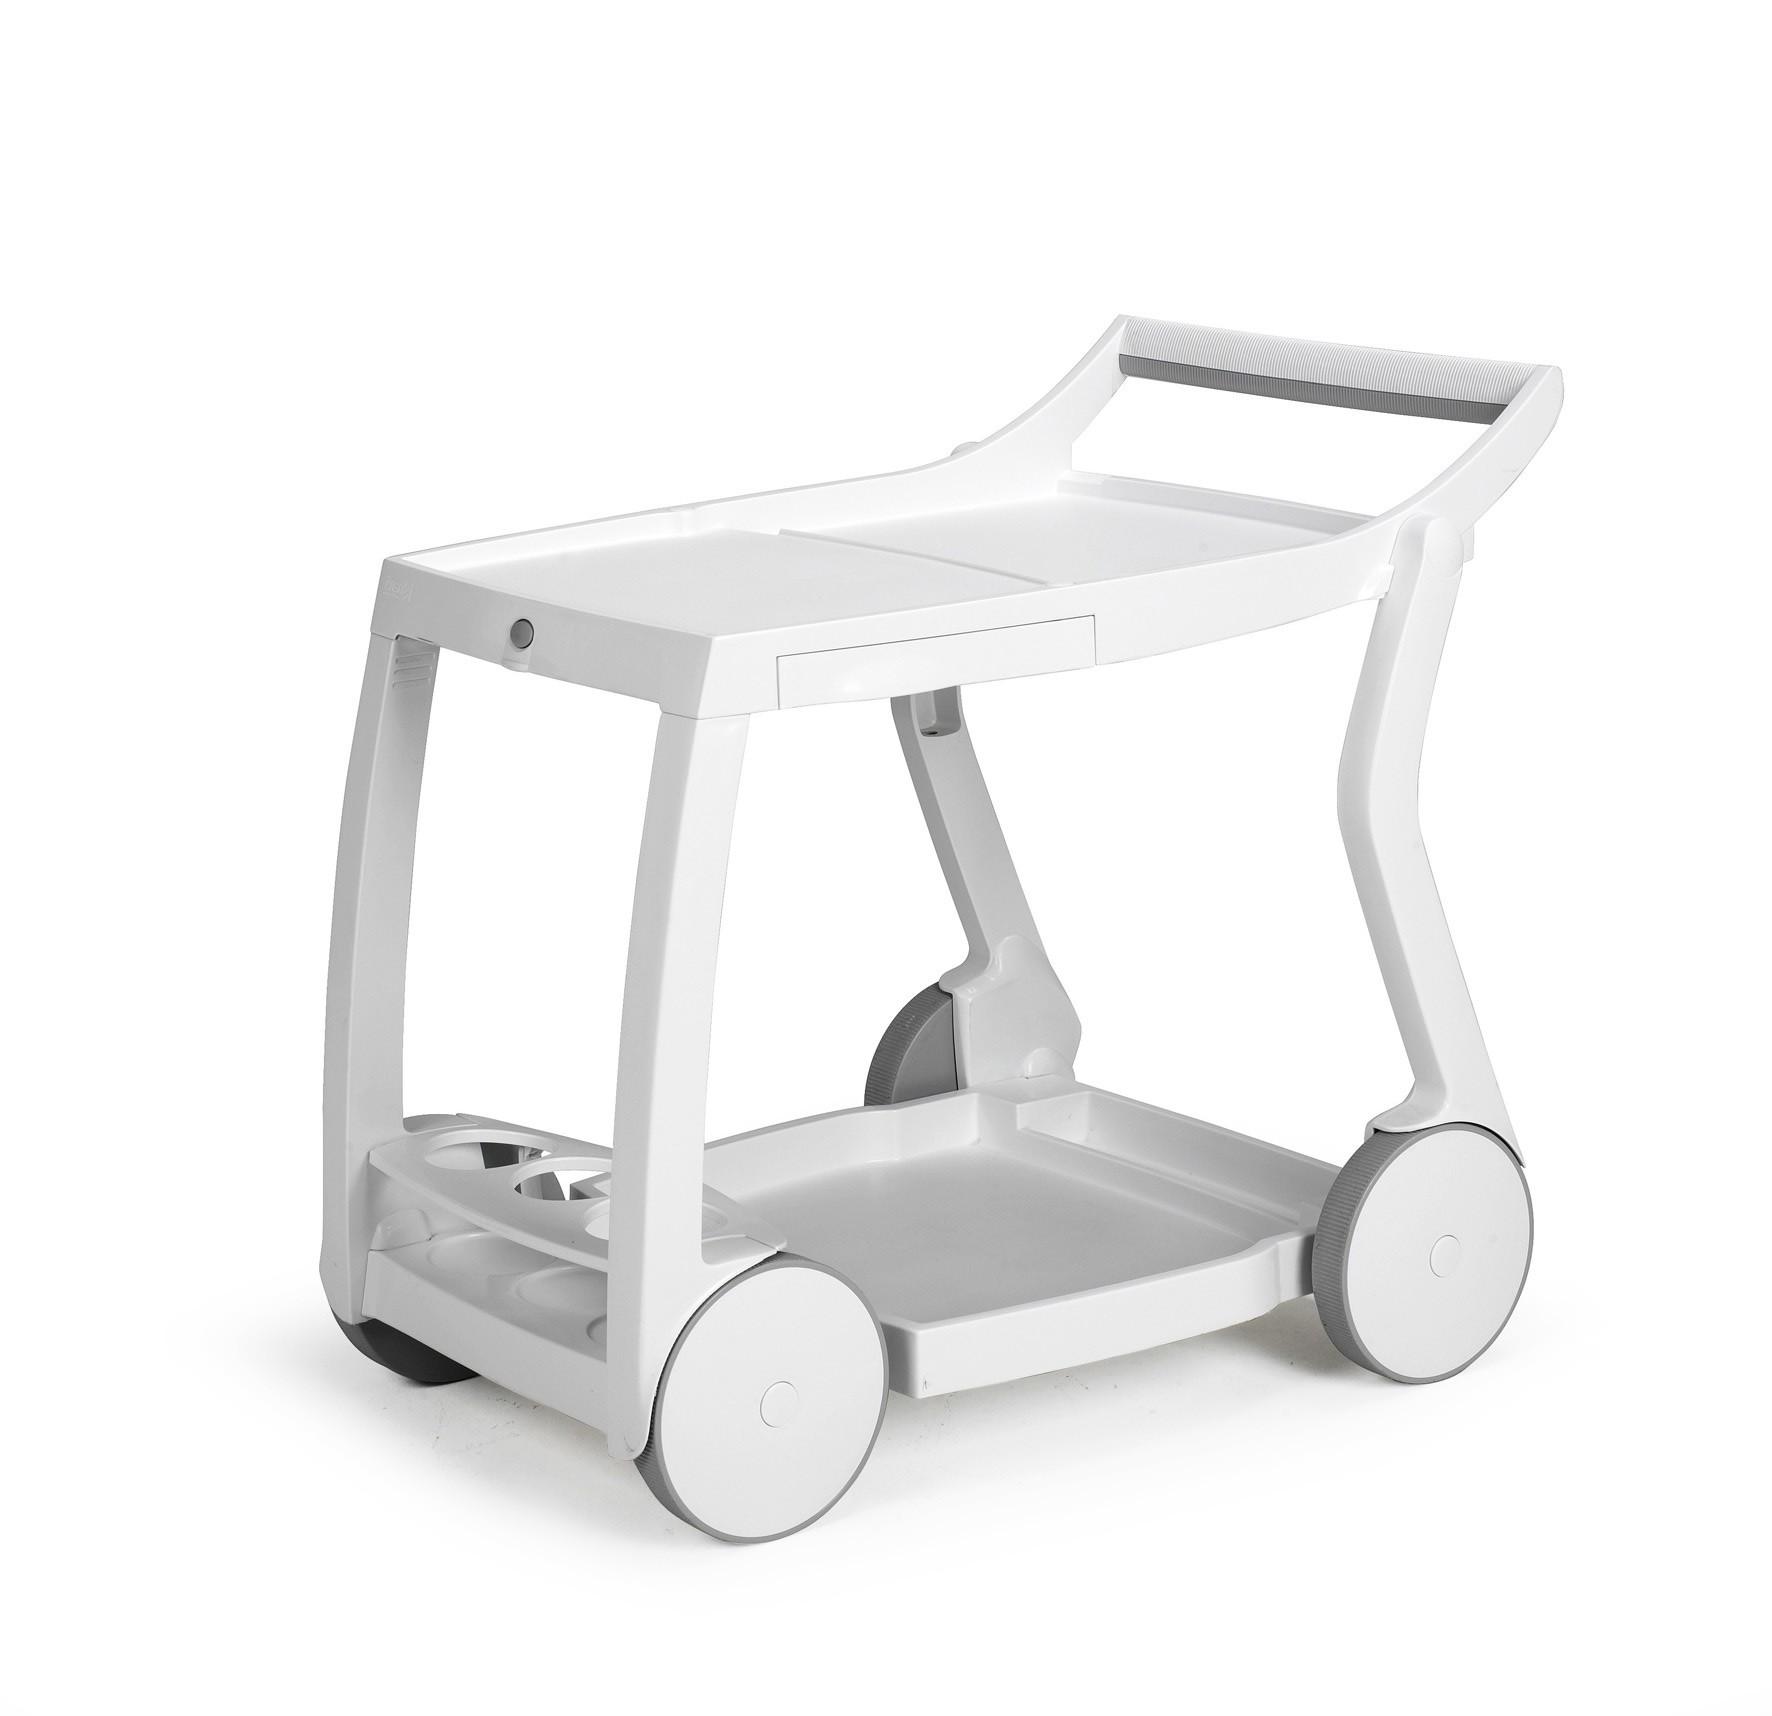 Servierwagen fahrbar  klappbar Galileo Kunststoff weiß  bei